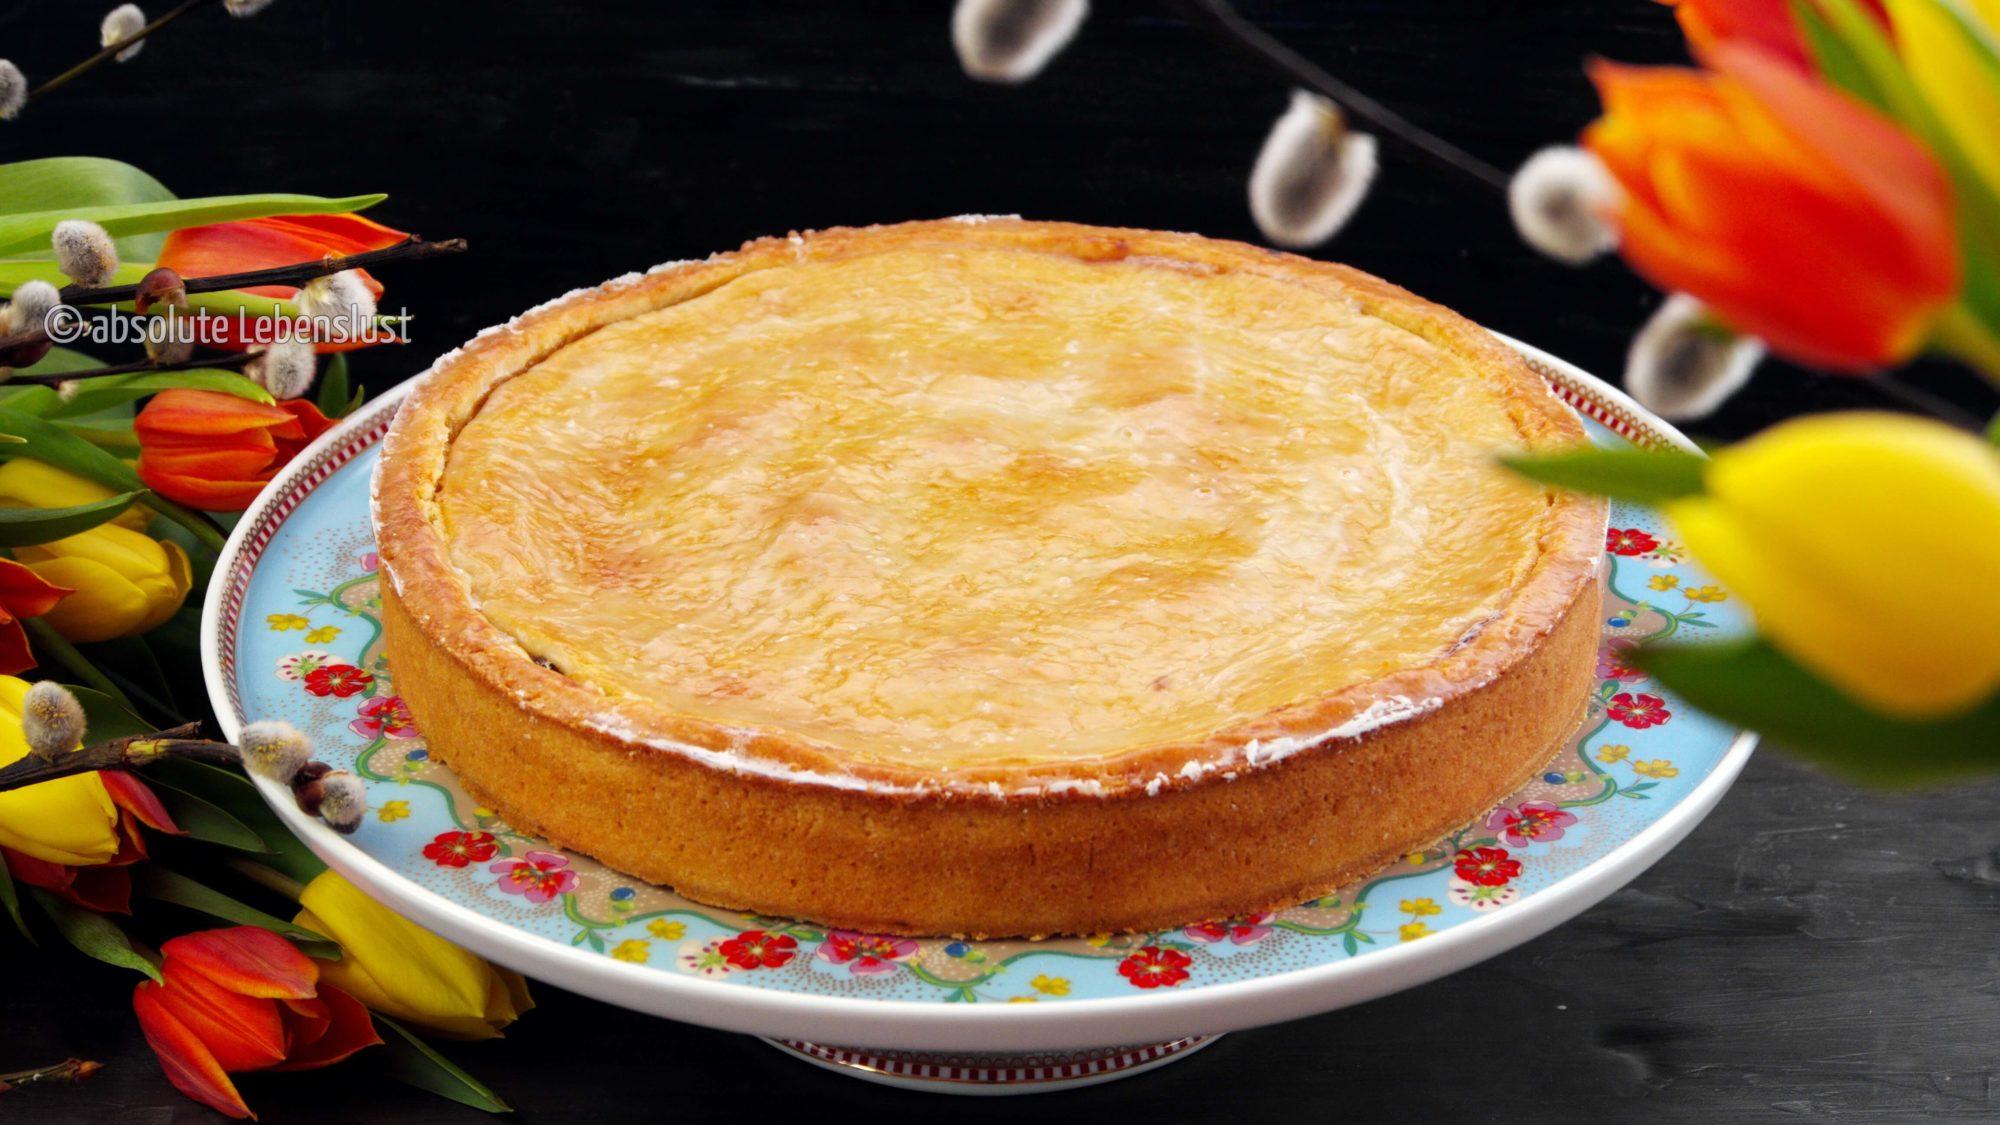 gedeckter apfelkuchen, mit rosinen, gedeckter apfelkuchen rezept, apfelkuchen rezepte, der beste apfelkuchen